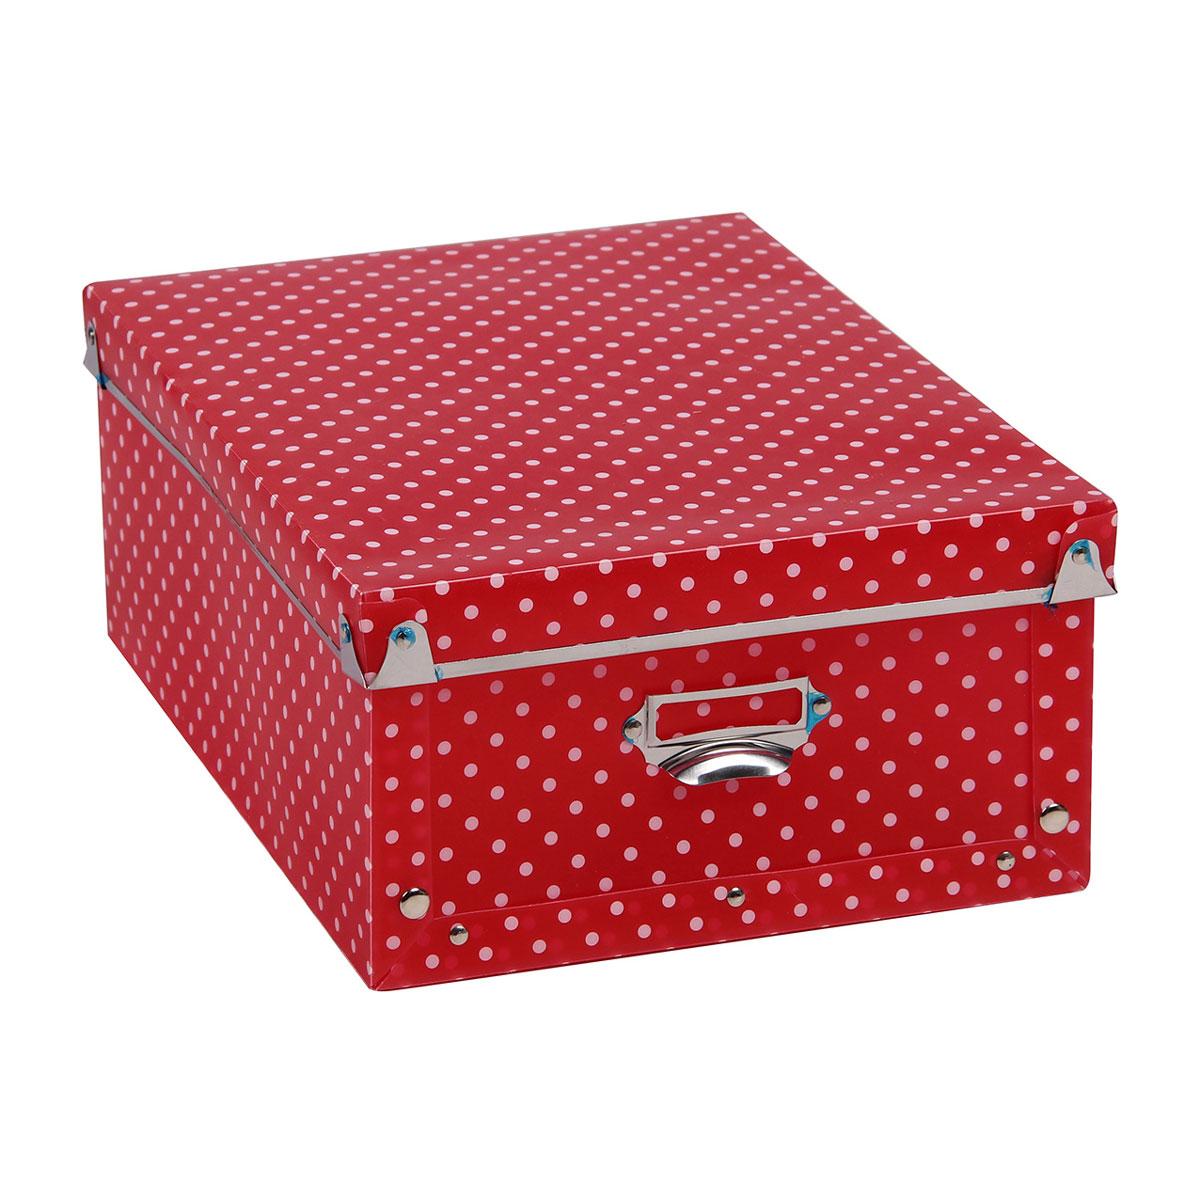 """Удобный и практичный короб """"Miolla"""" идеально подойдет для хранения бумаг, канцелярских принадлежностей и любых других мелочей. Удобная крышка защитит ваши вещи от пыли, а боковые ручки позволят с легкостью переносить короб с места на место.Размер: 27 x 18,5 x 14 см."""